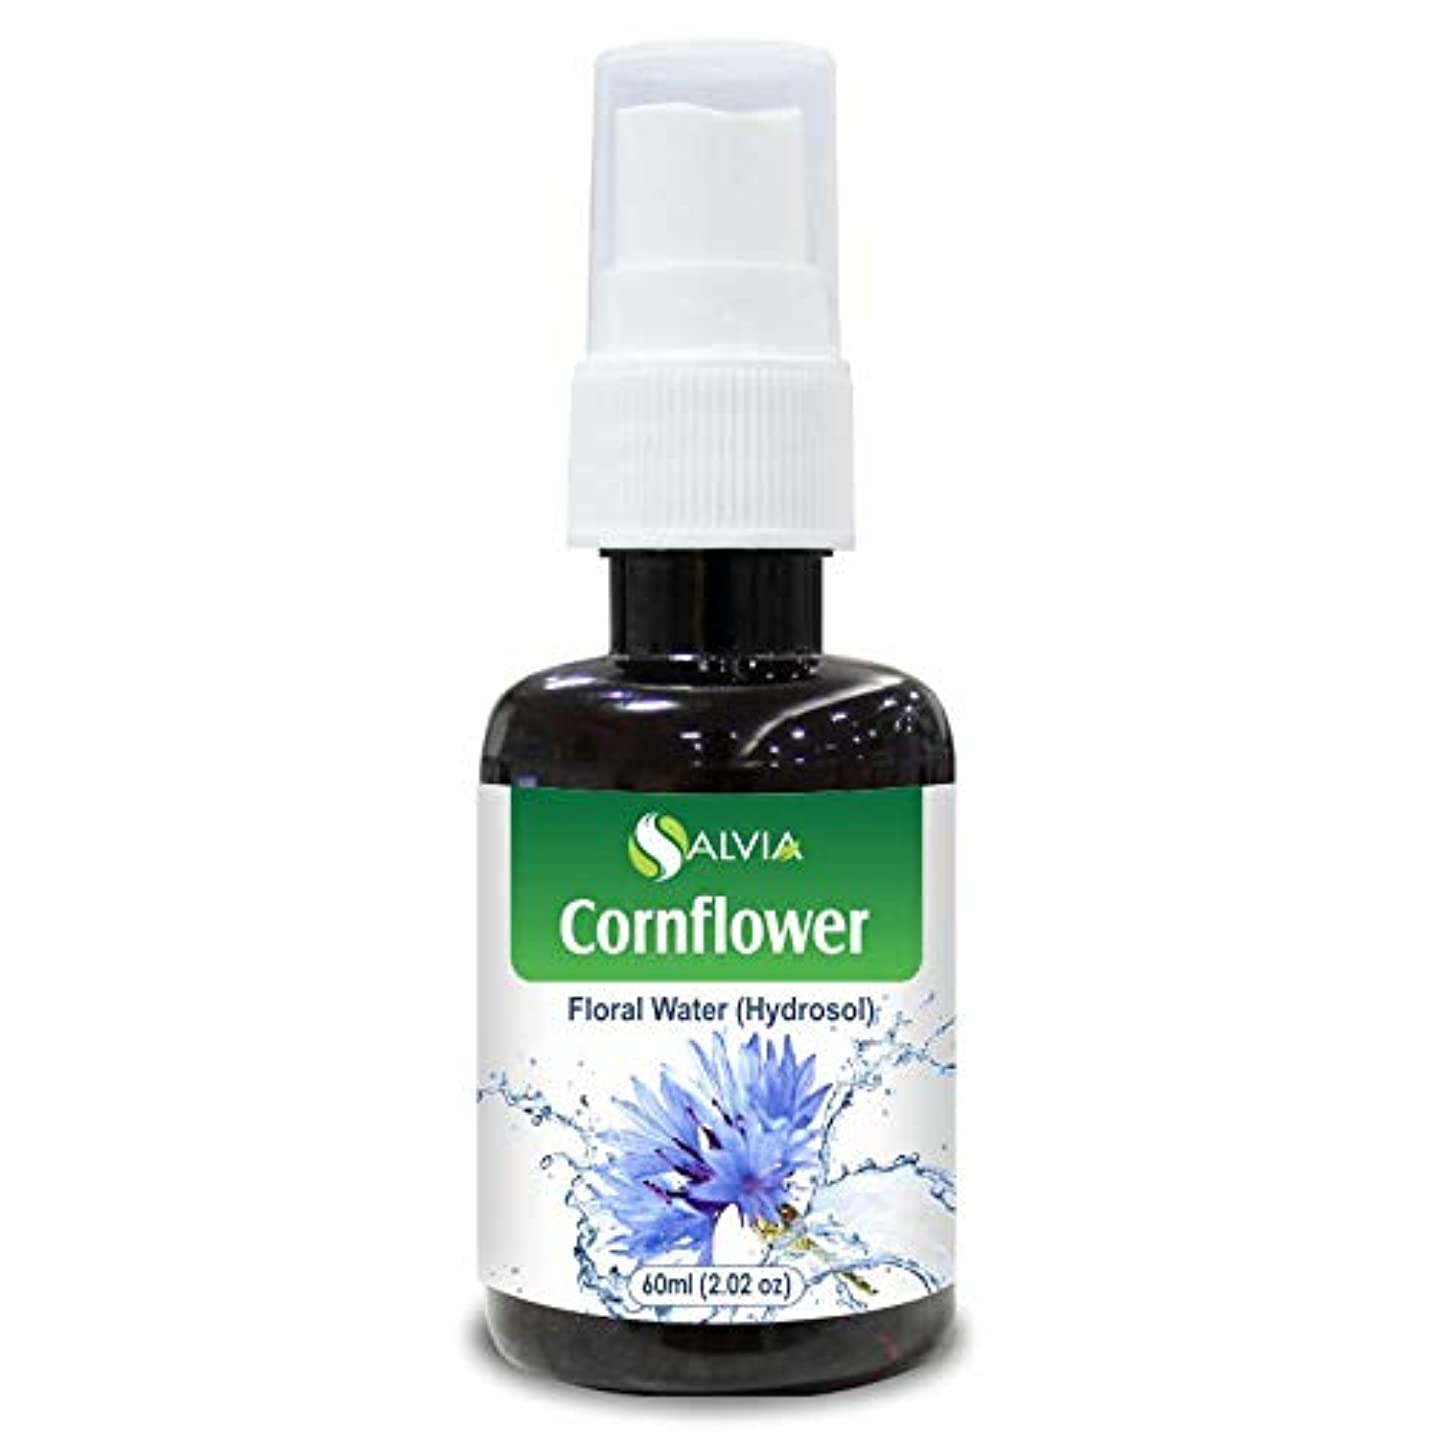 パッチ特別に八Cornflower Floral Water 60ml (Hydrosol) 100% Pure And Natural